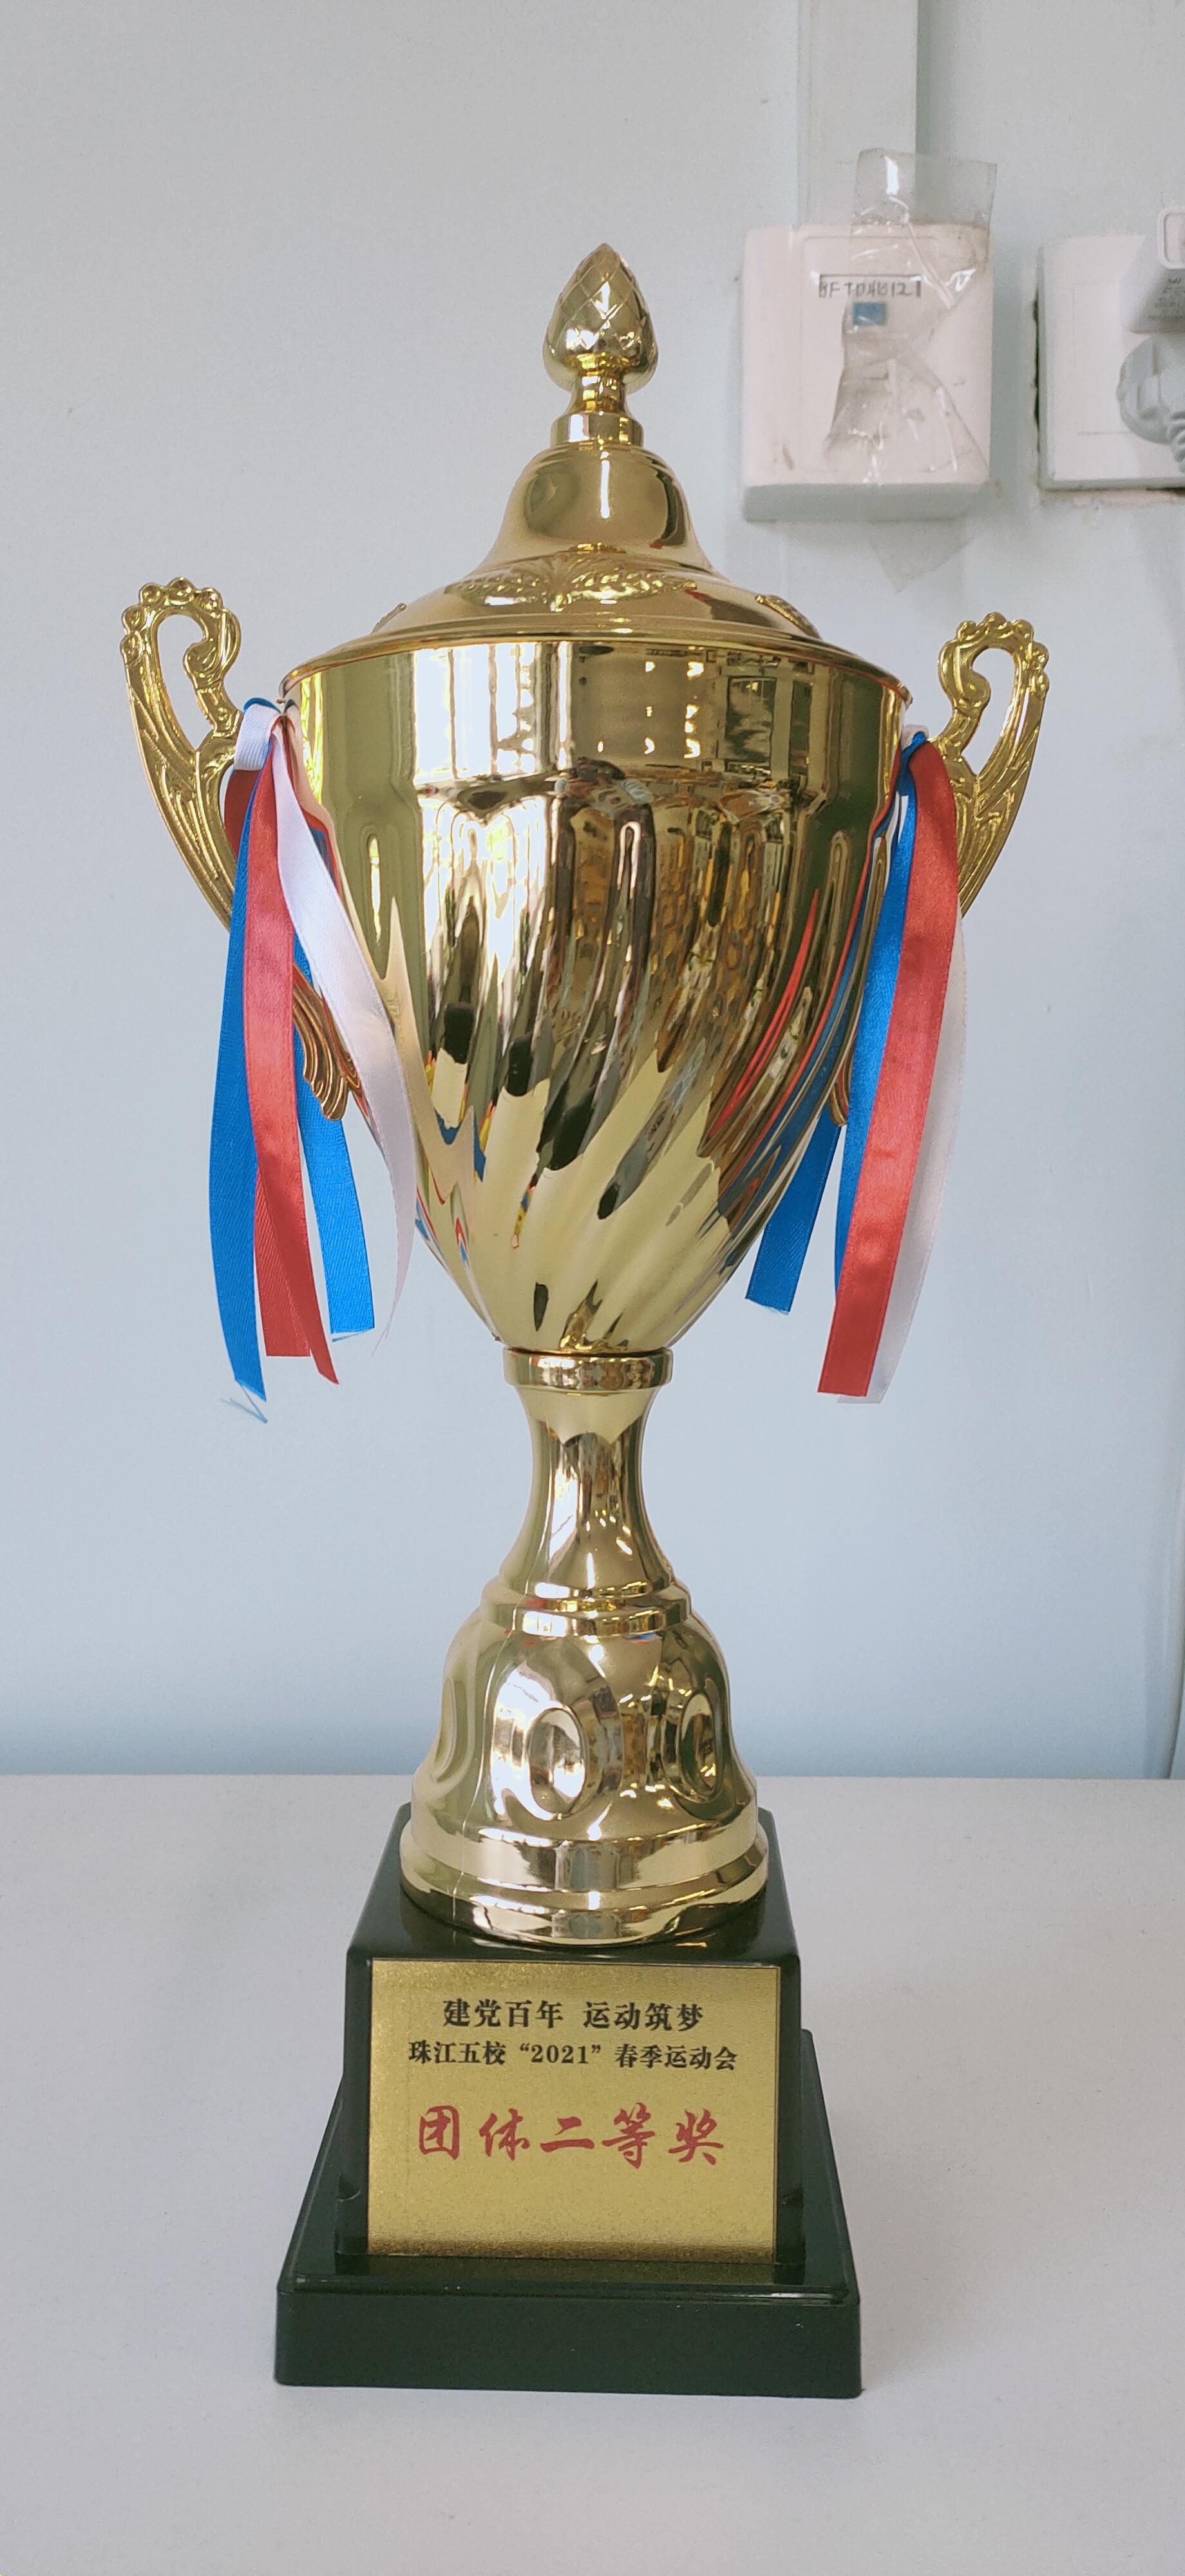 我班获得团体二等奖的佳绩